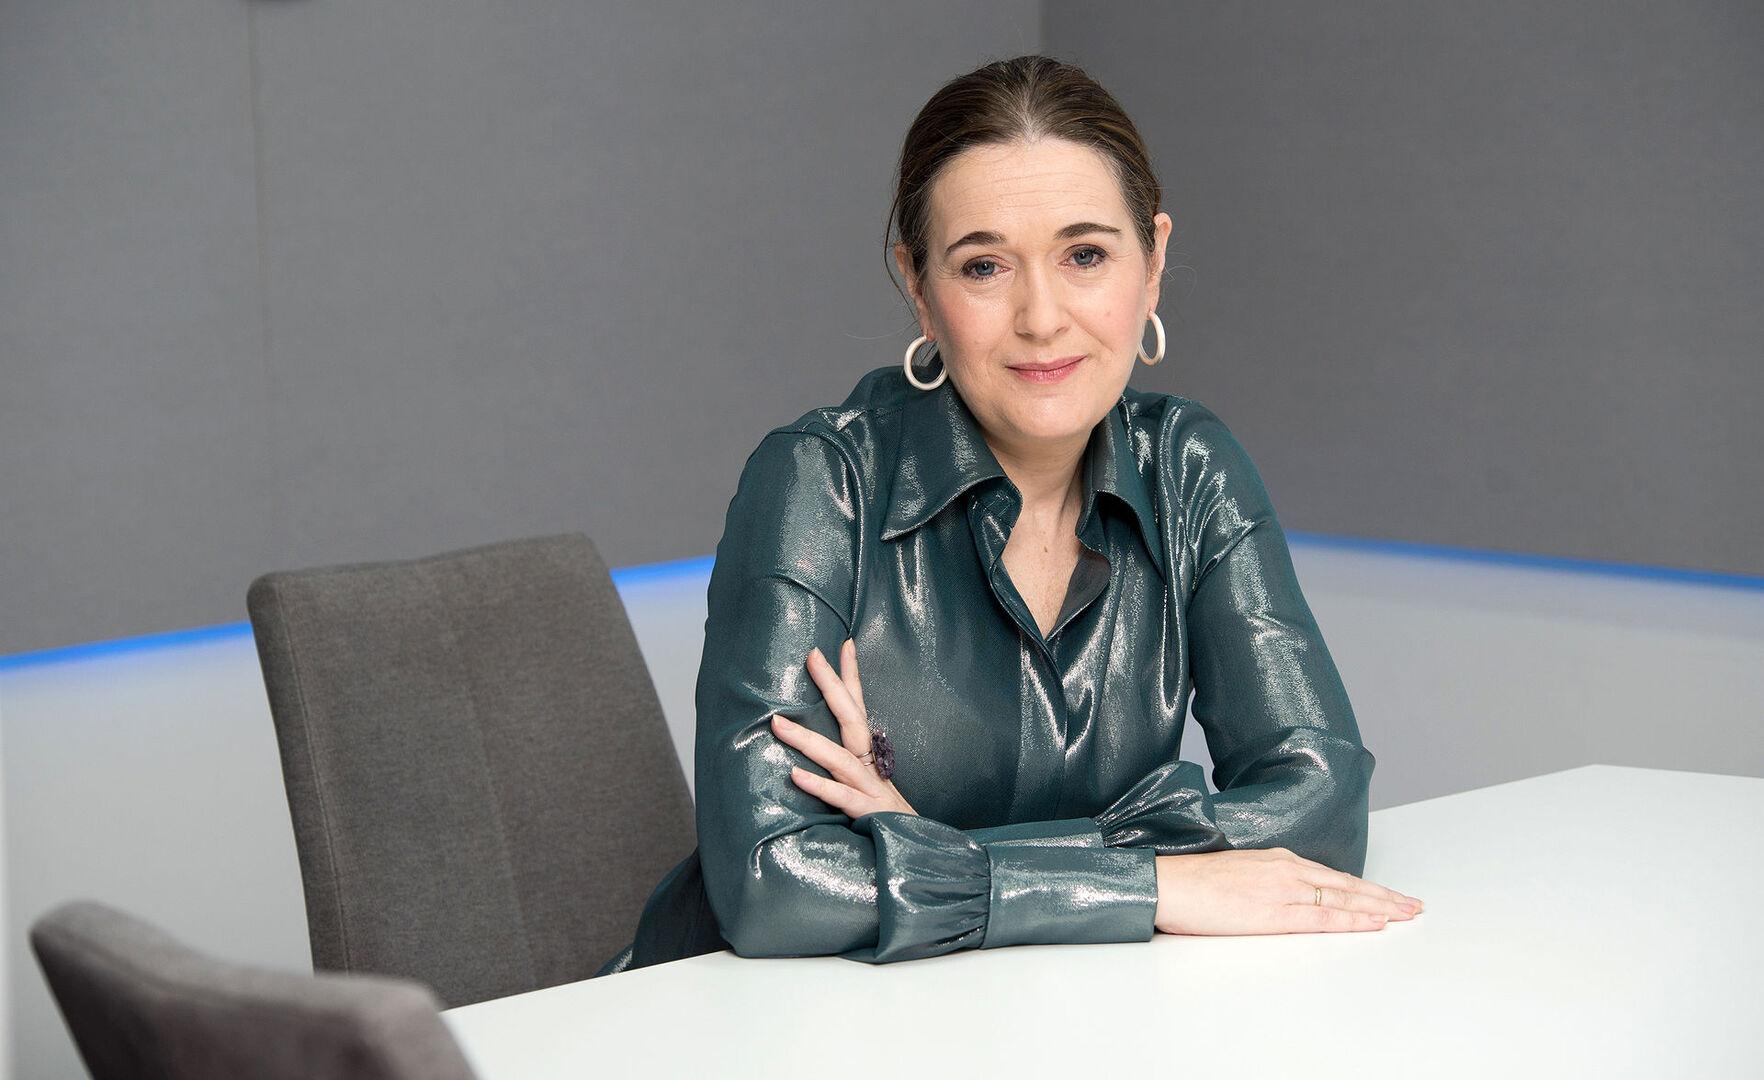 Continúa la fuga en Cs: Marta Rivera de la Cruz se da de baja como afiliada  - Libertad Digital